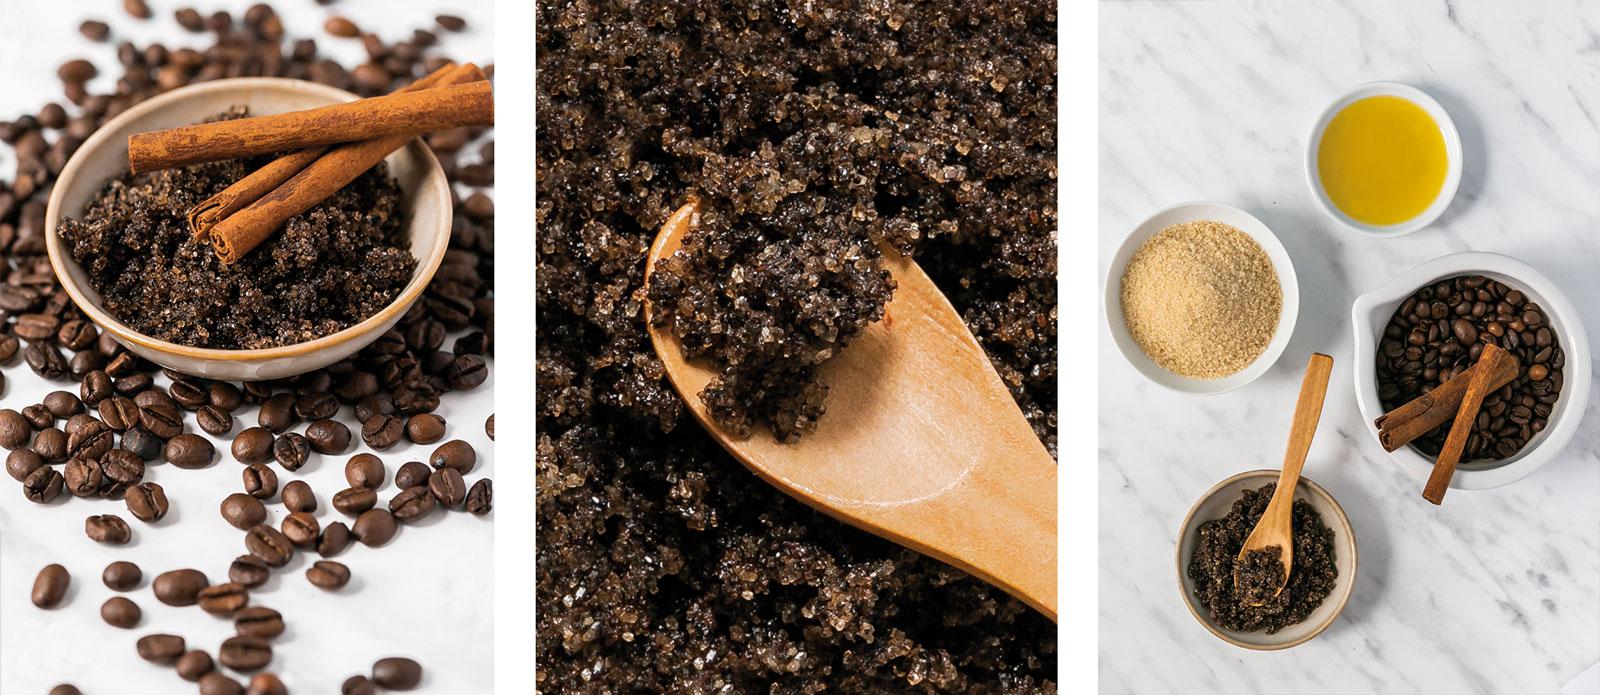 Olivenöl-Peeling mit Kaffee und braunem Zucker